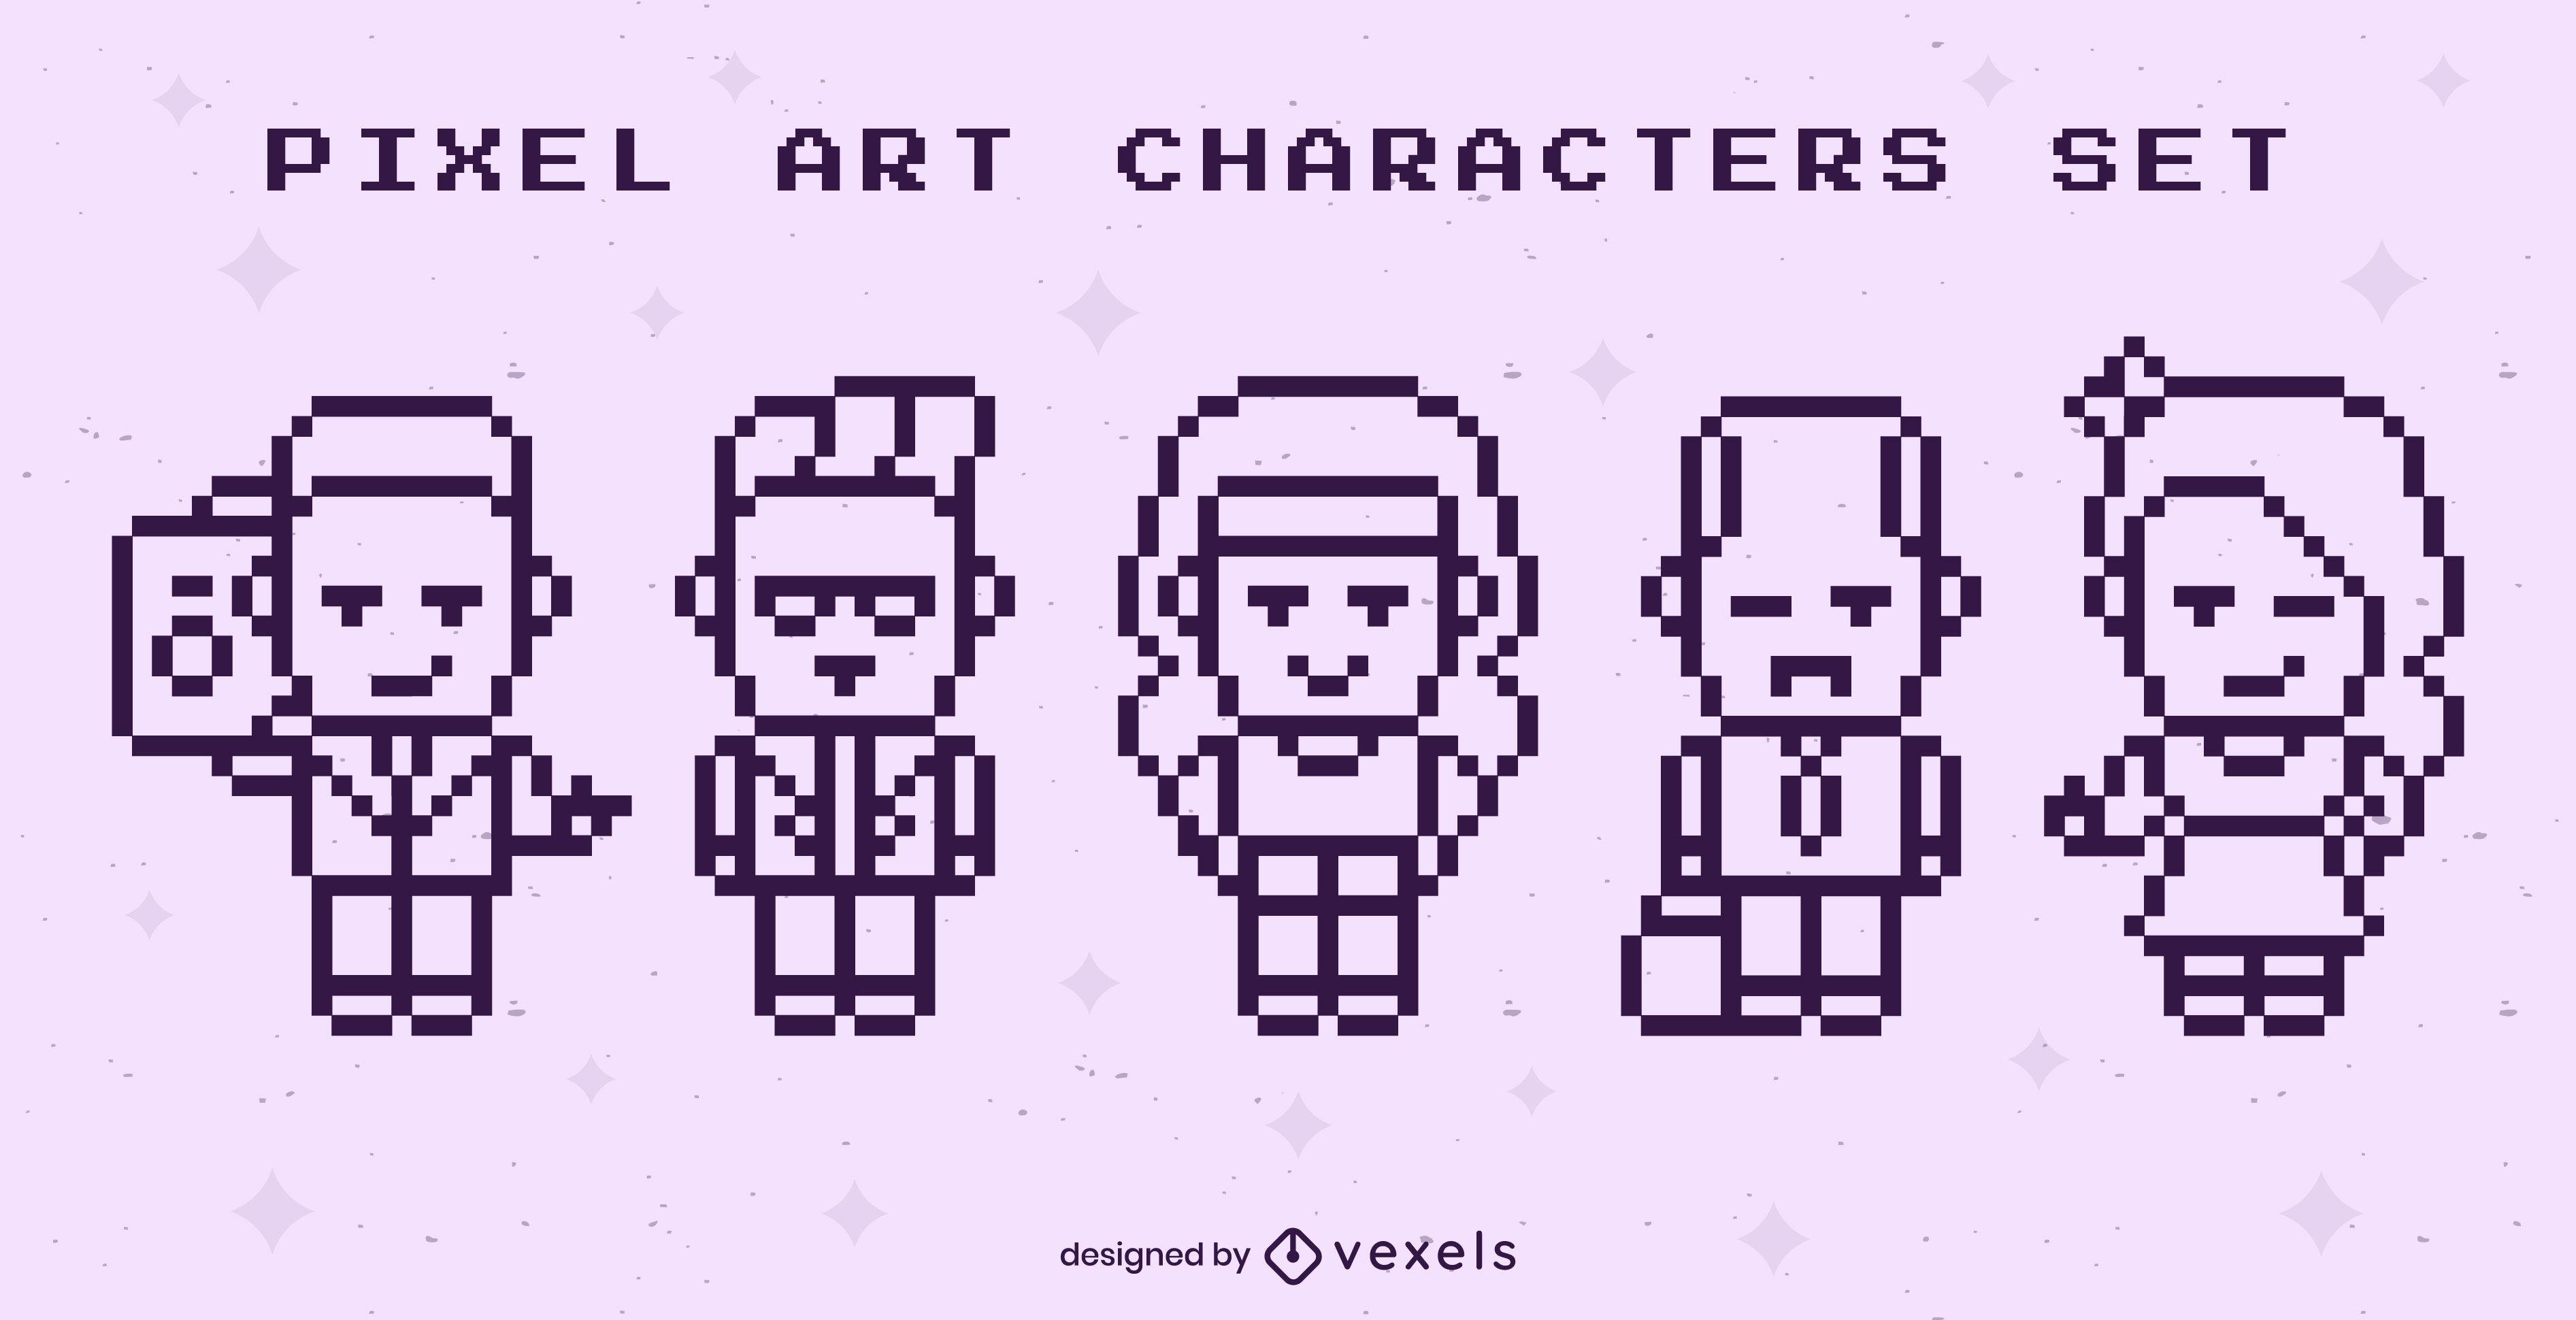 Conjunto de caracteres de gente linda de pixel art